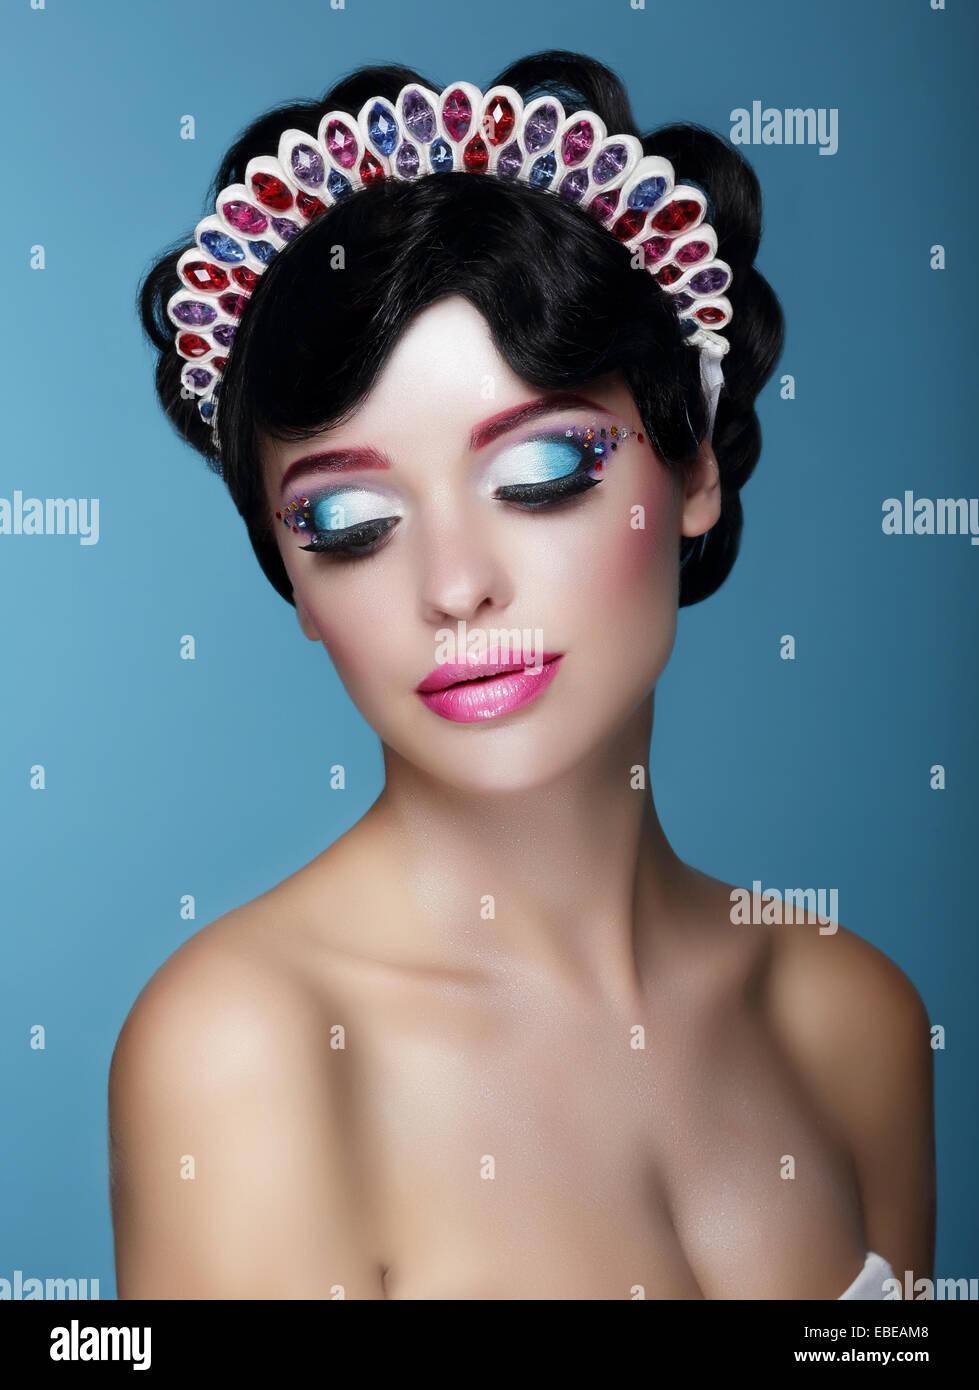 Luxuriöse verträumte weiblich mit hellen Make-up und Kunst Diadem Stockbild